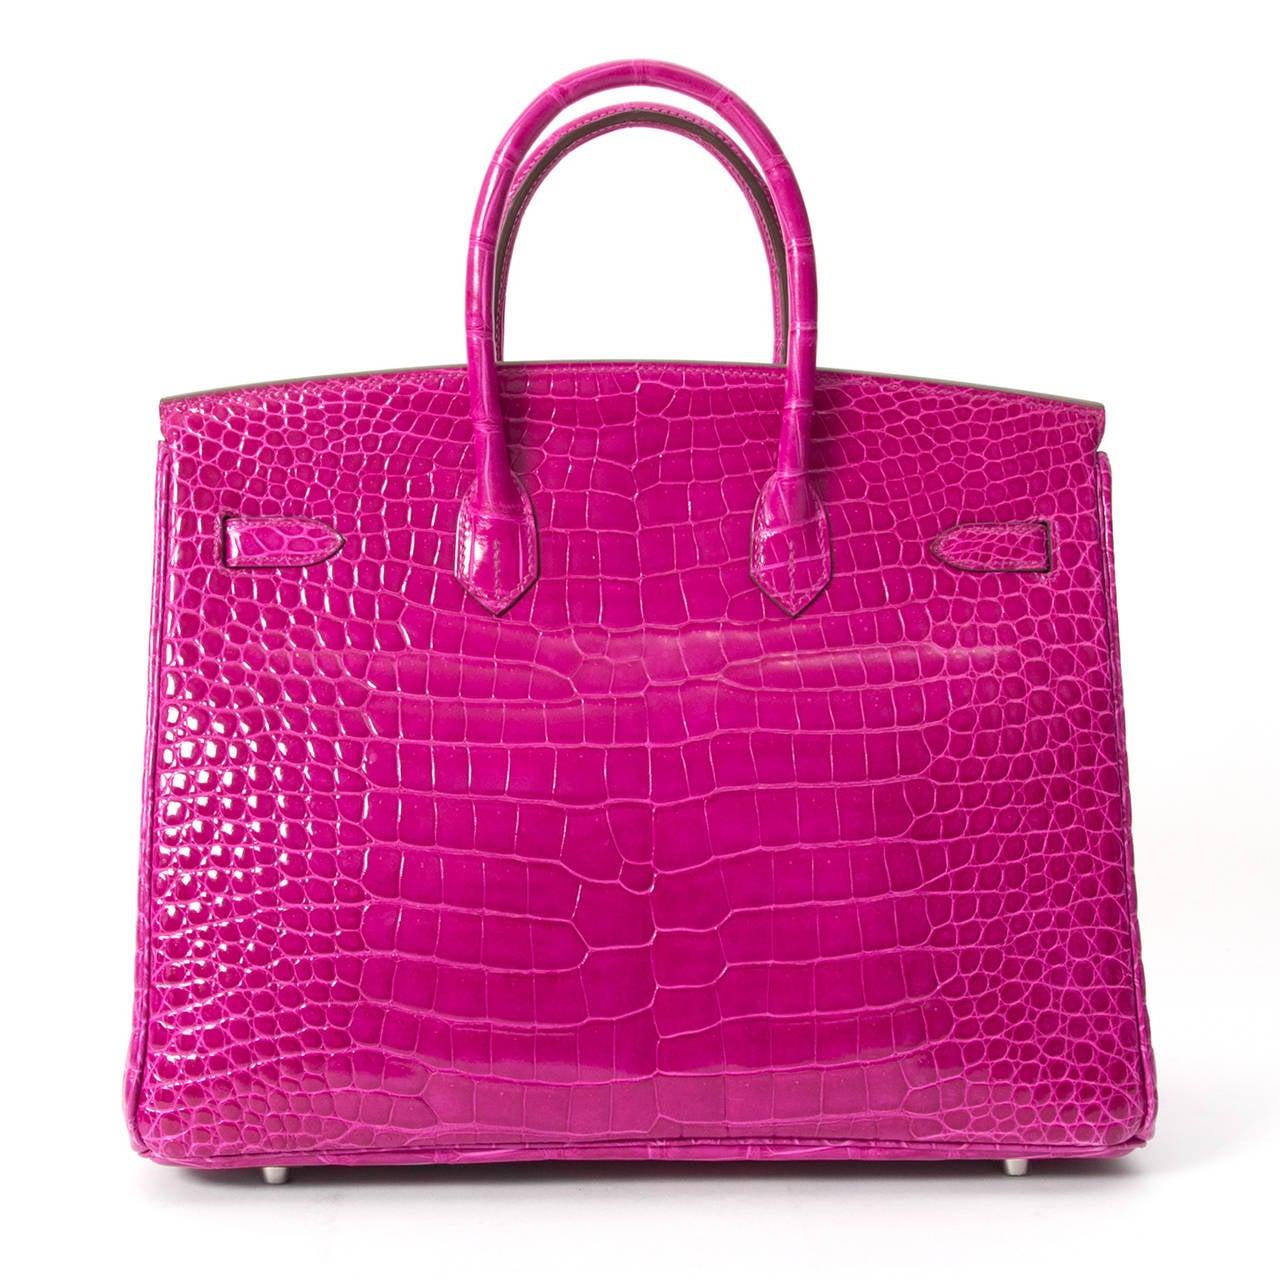 Women's Hermès Birkin Corocodile Porosus PHW Rose Sheherazade 35